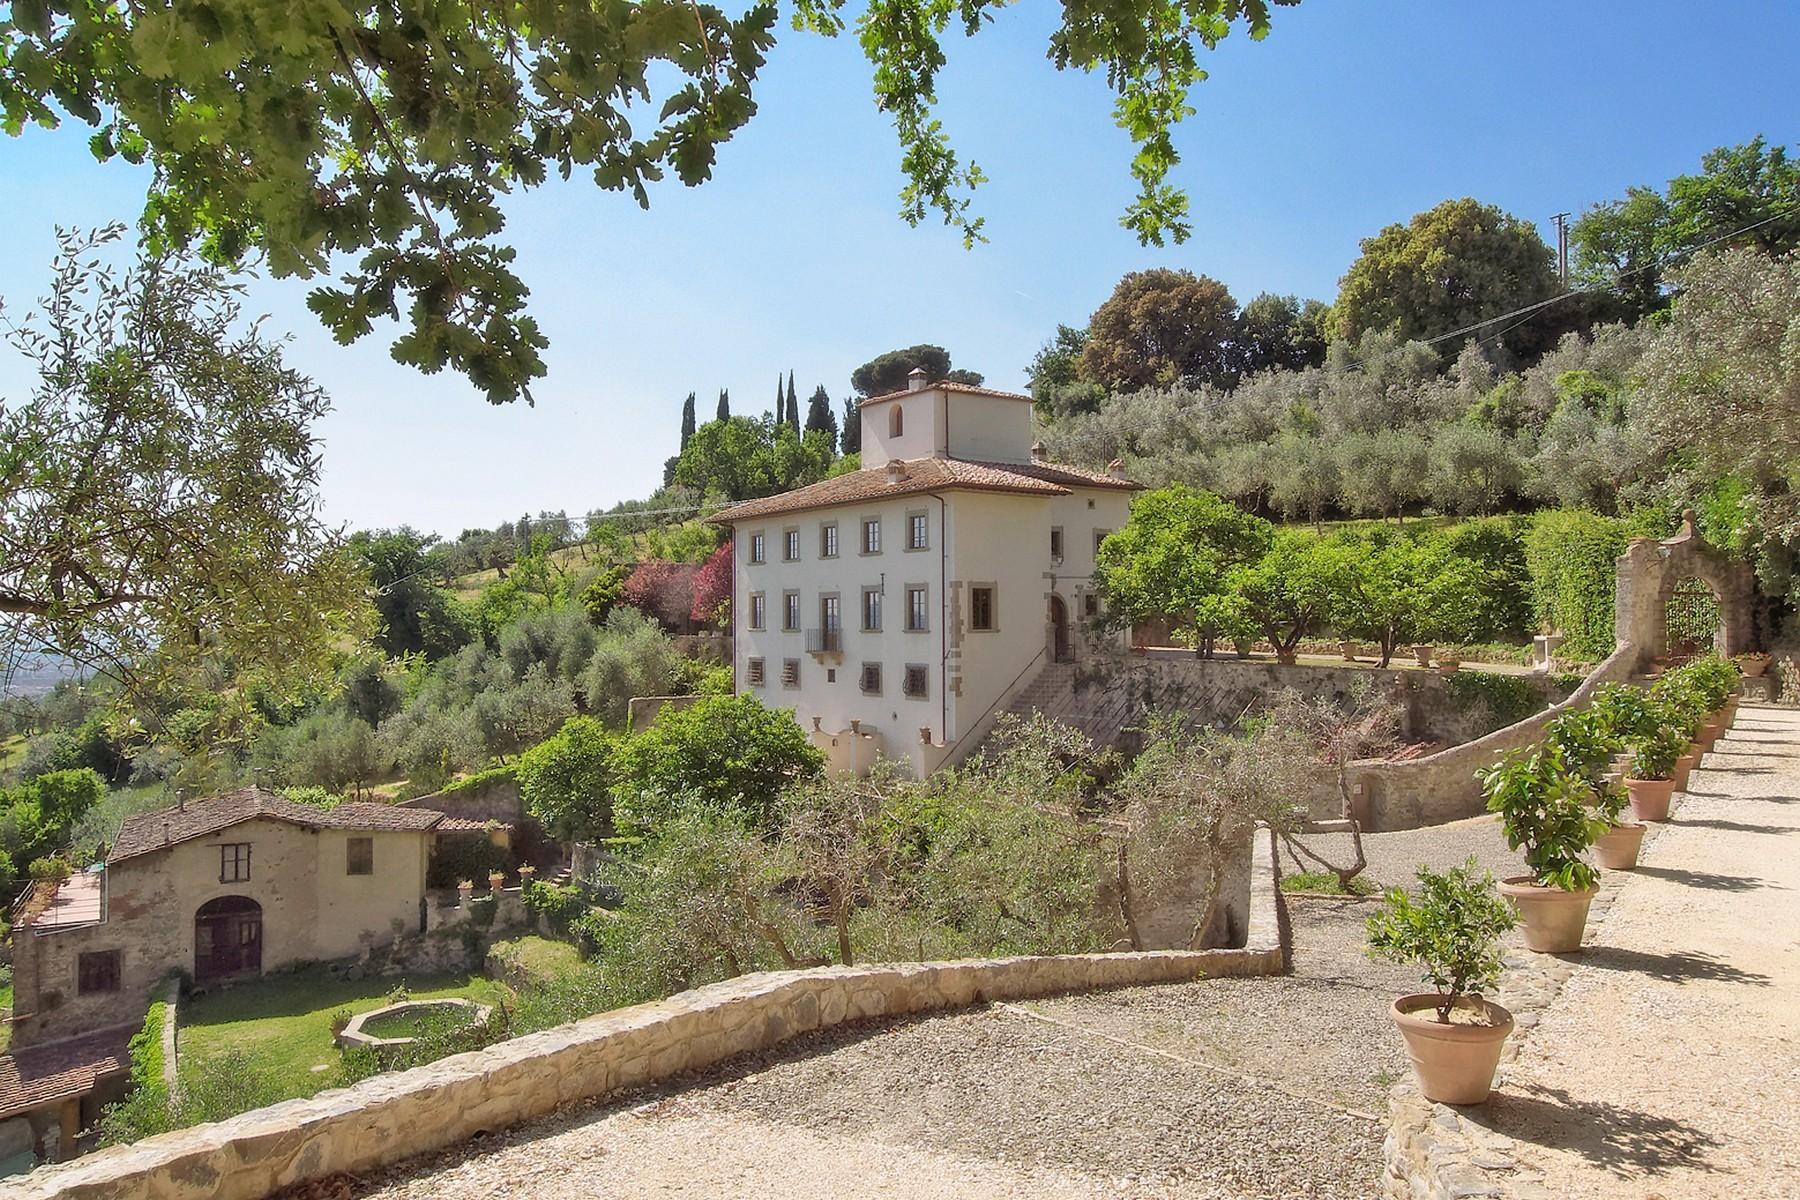 Merveilleuse villa avec piscine sur les collines de Florence - 2